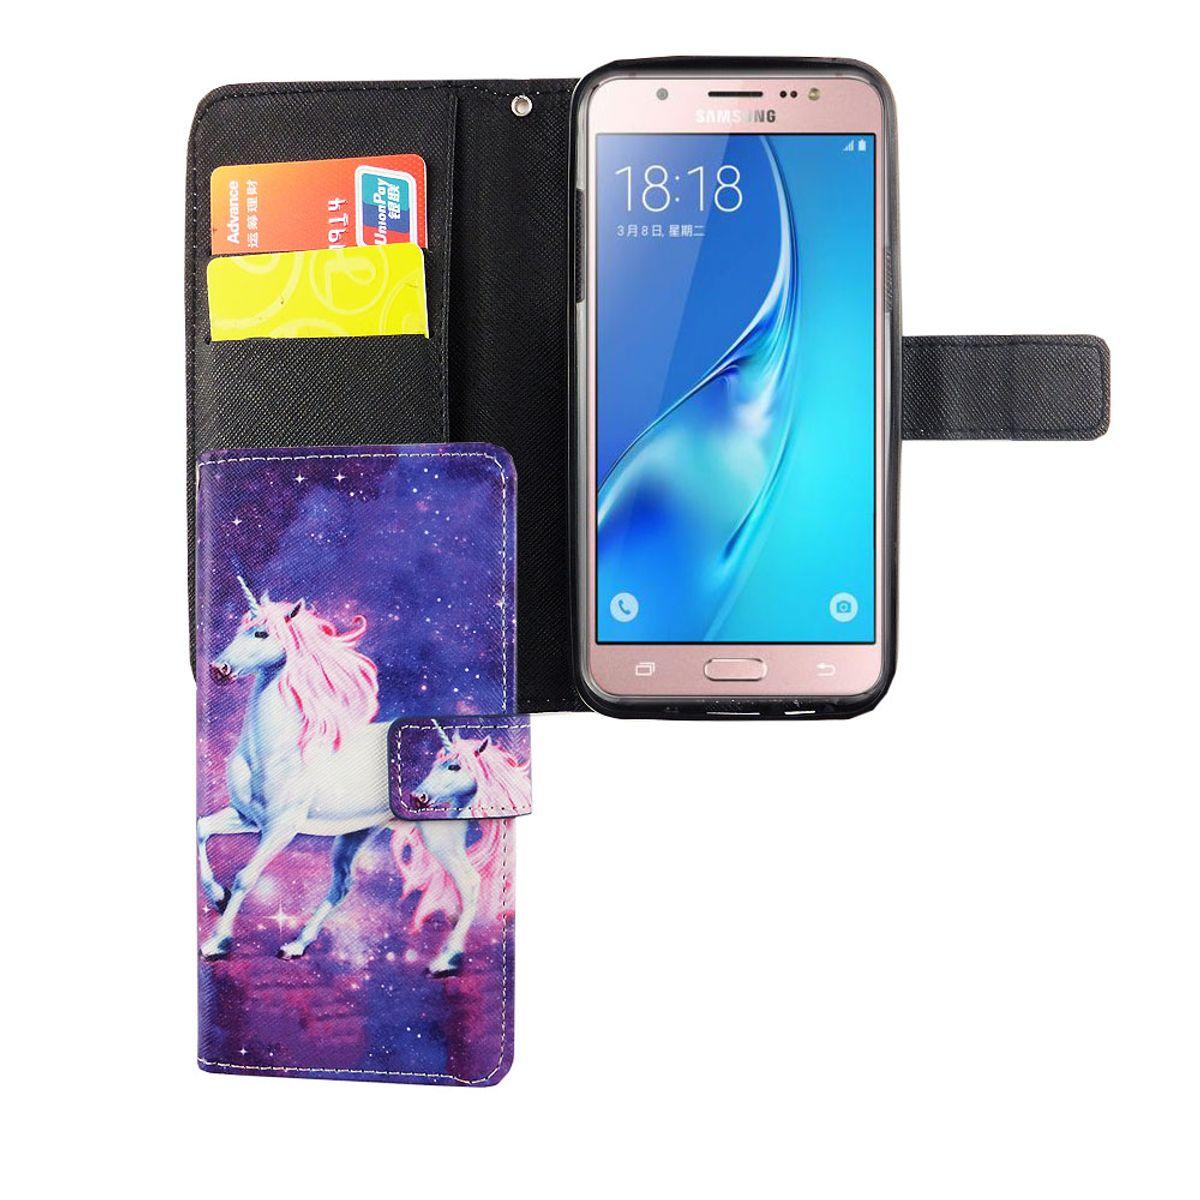 Handyhülle Samsung Galaxy : handyh lle tasche f r handy samsung galaxy j5 2015 einhorn magic ~ Aude.kayakingforconservation.com Haus und Dekorationen